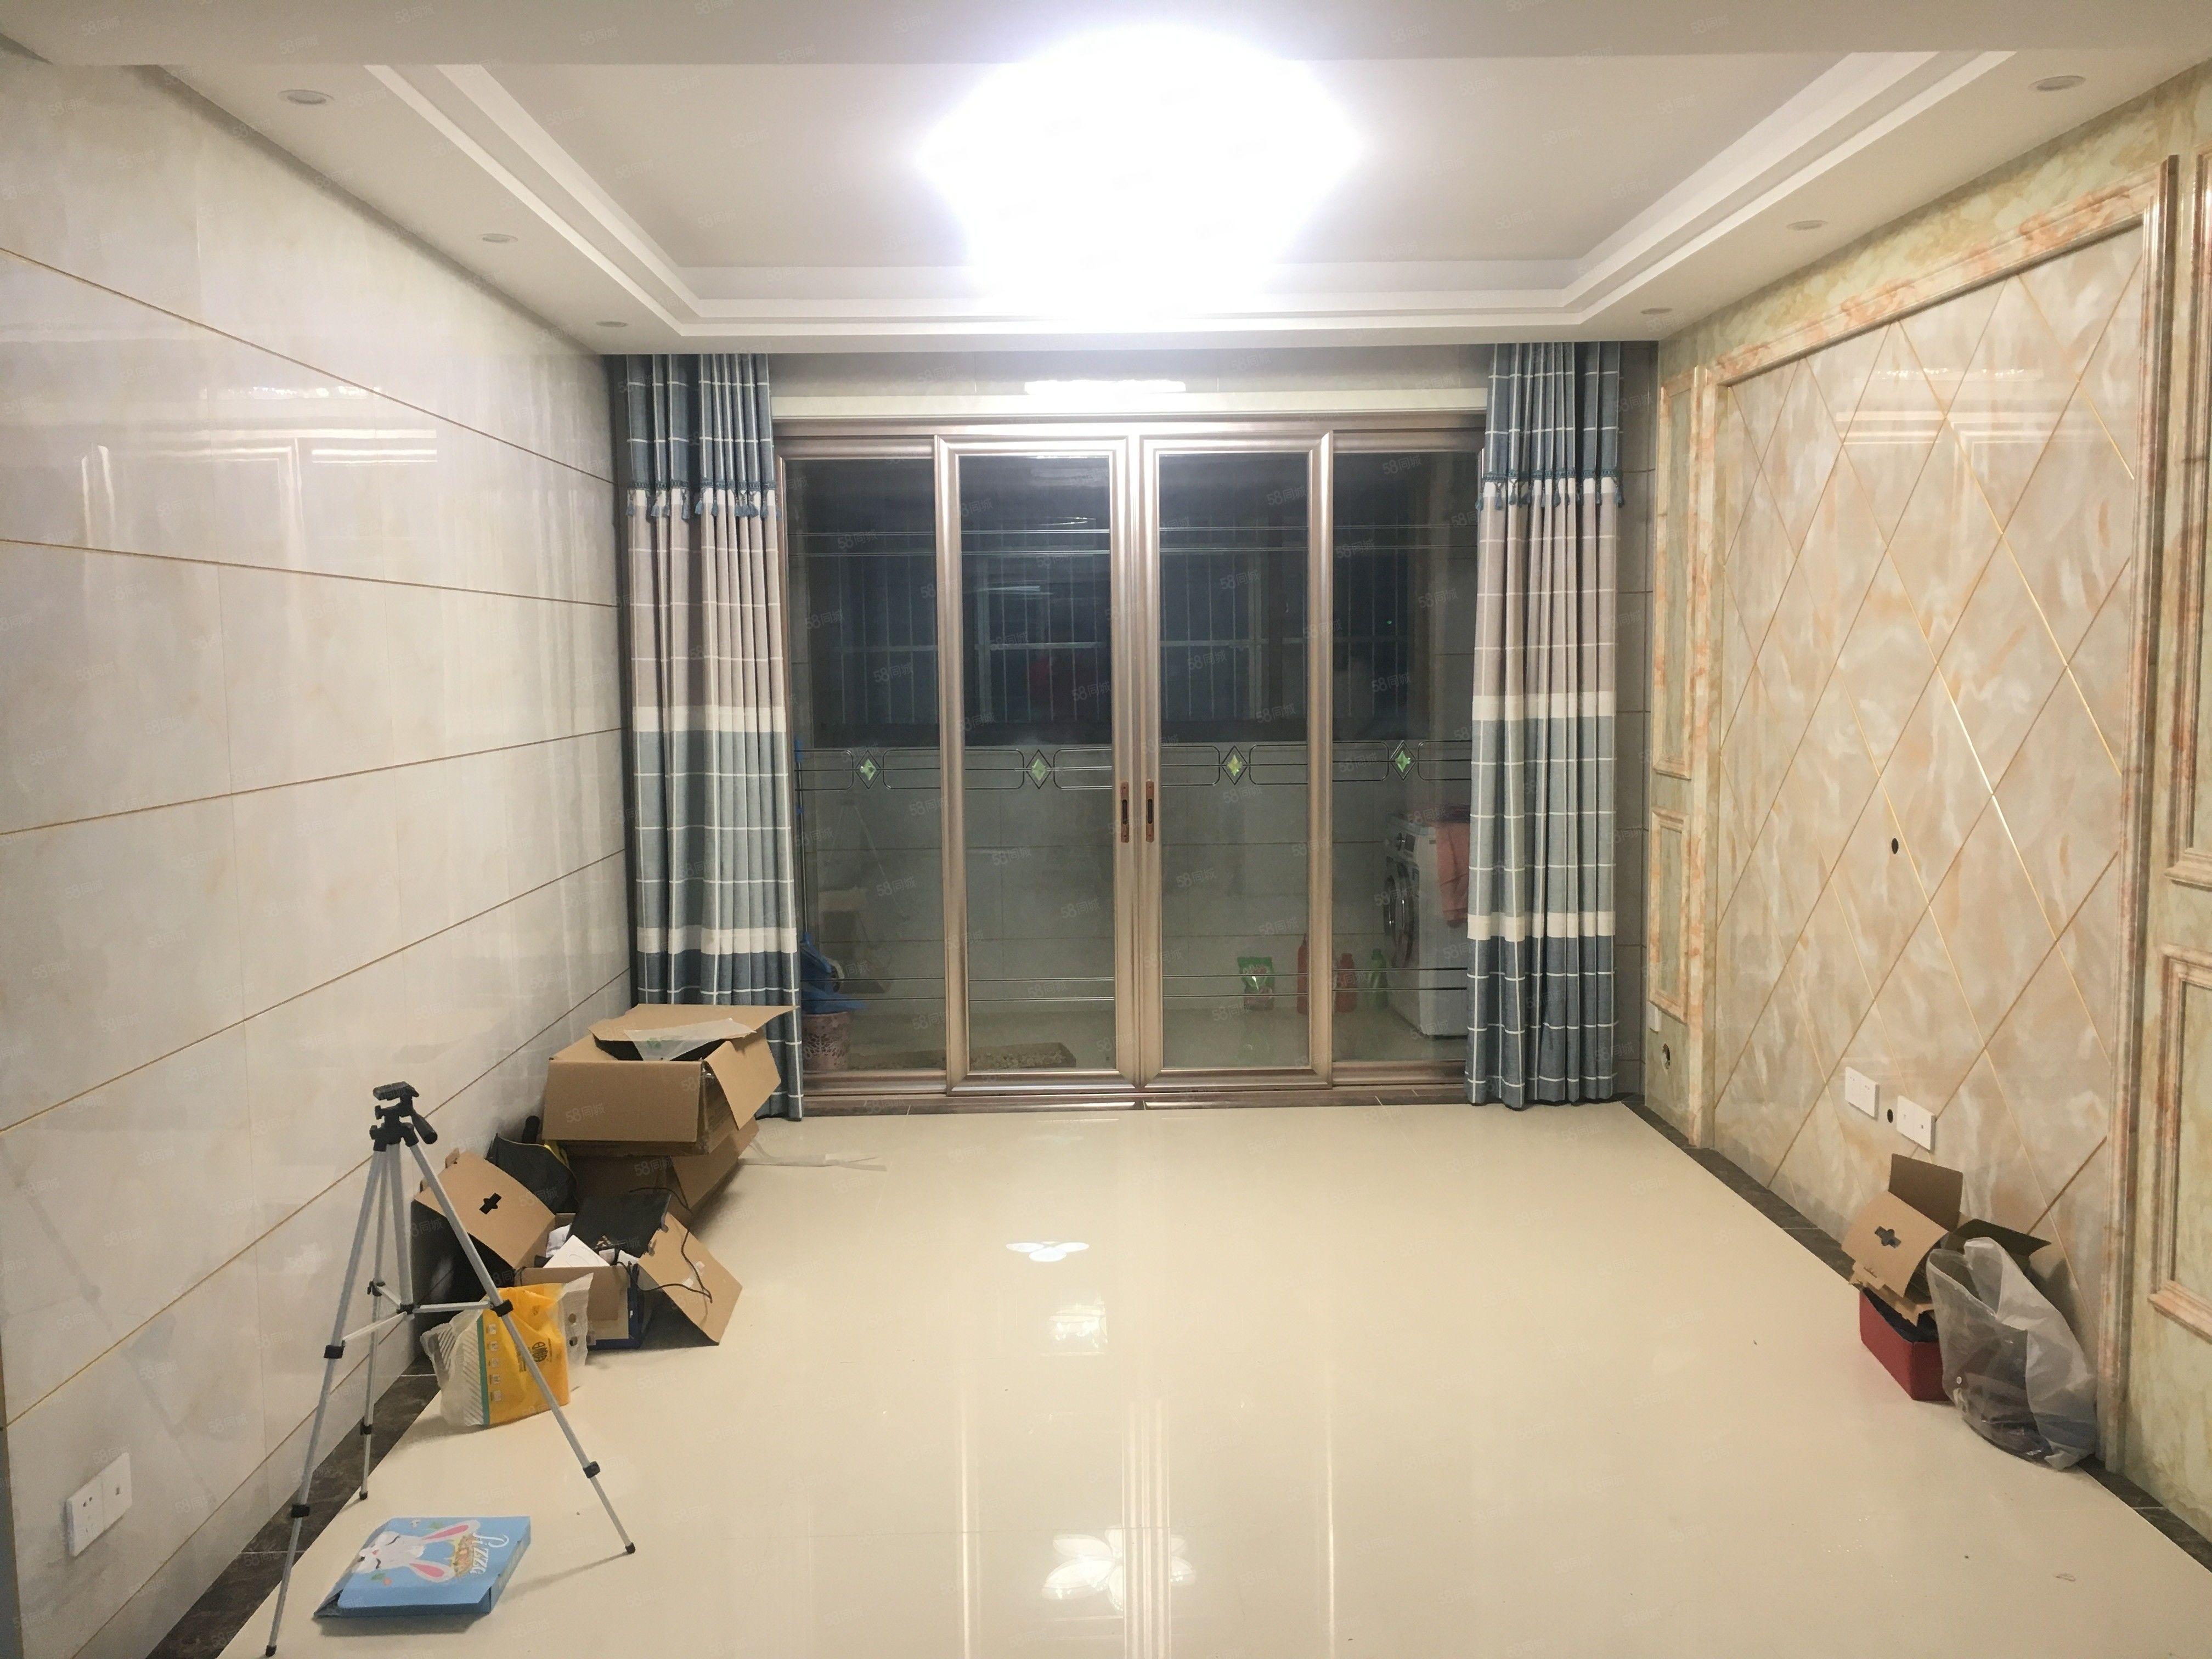 三十铺远大东都一号厕所不对门精装修硬装15万